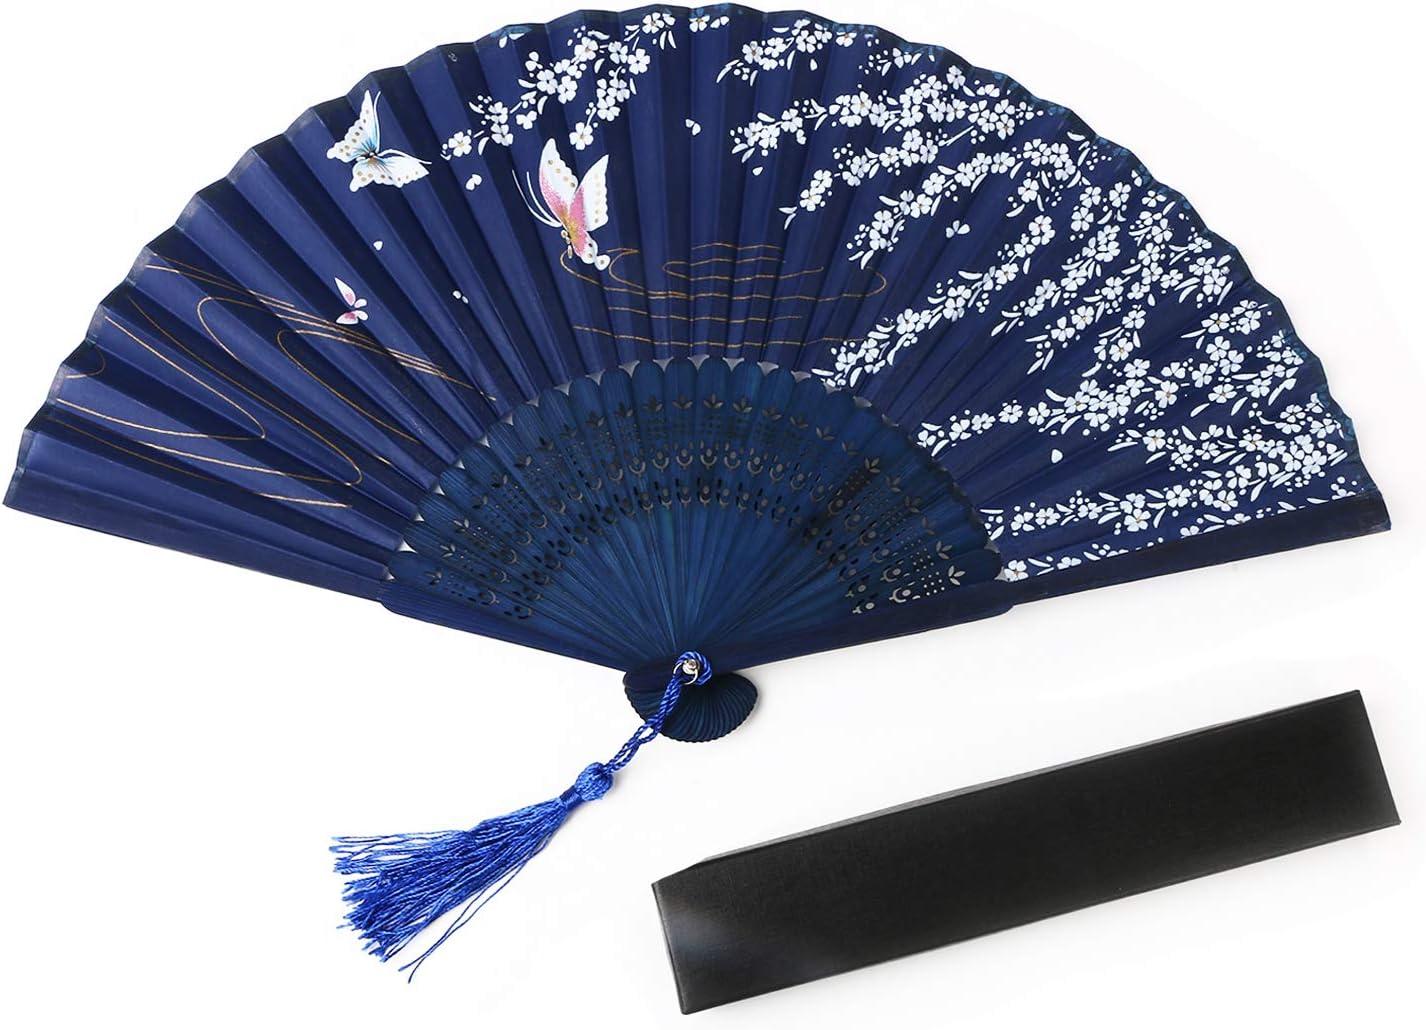 URAQT Abanico de la Mano, Plegable de Mano Abanicos Abanico Madera con Borla Bambú y Seda Ventilador de Mano Japones Patrón Mariposa Flor de Cajas de Regalo para Baile Fiesta Ceremonias, 1 Piezas